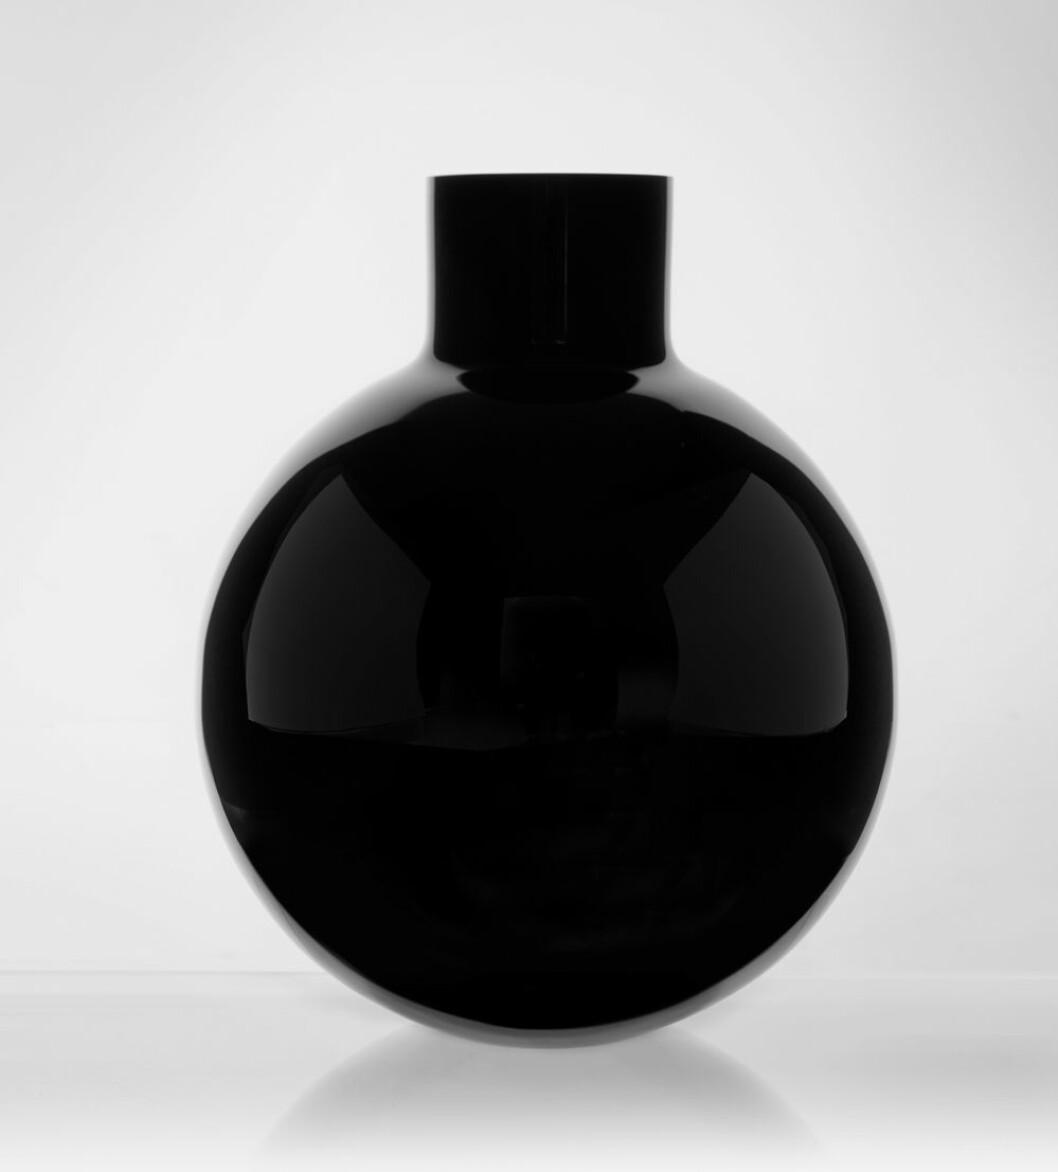 Vas från Skrufs glasbruk